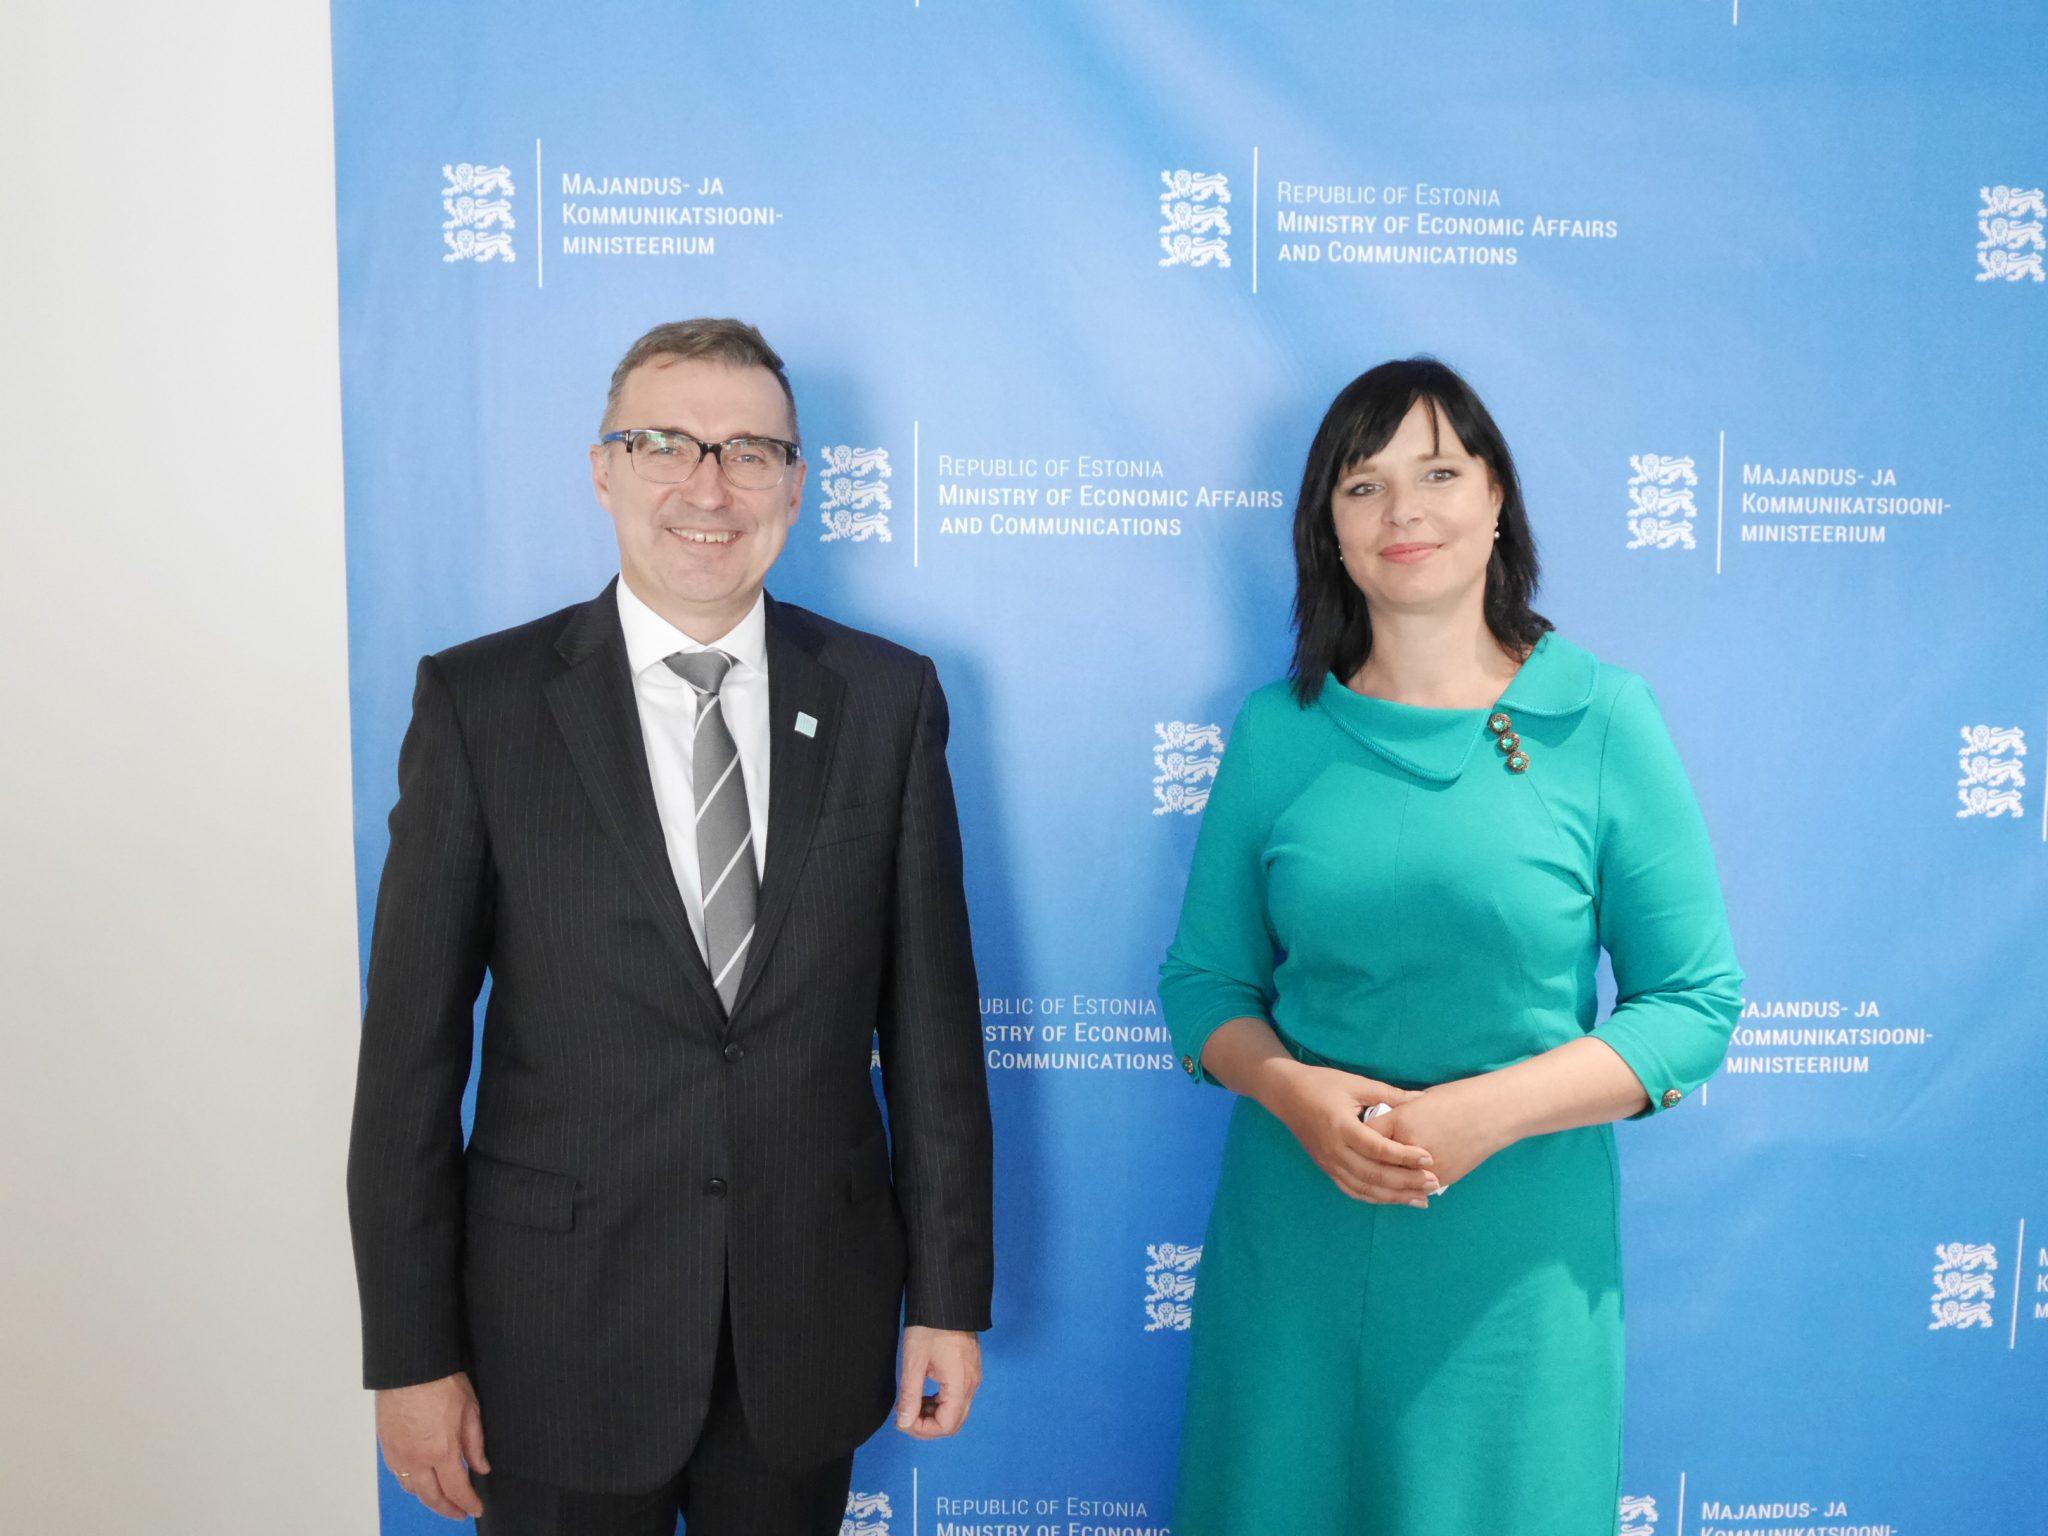 Vicepremiérka Remišová: Spolupracovať s Estónskom budeme v oblasti digitálnych služieb aj v boji proti kybernetickým hrozbám